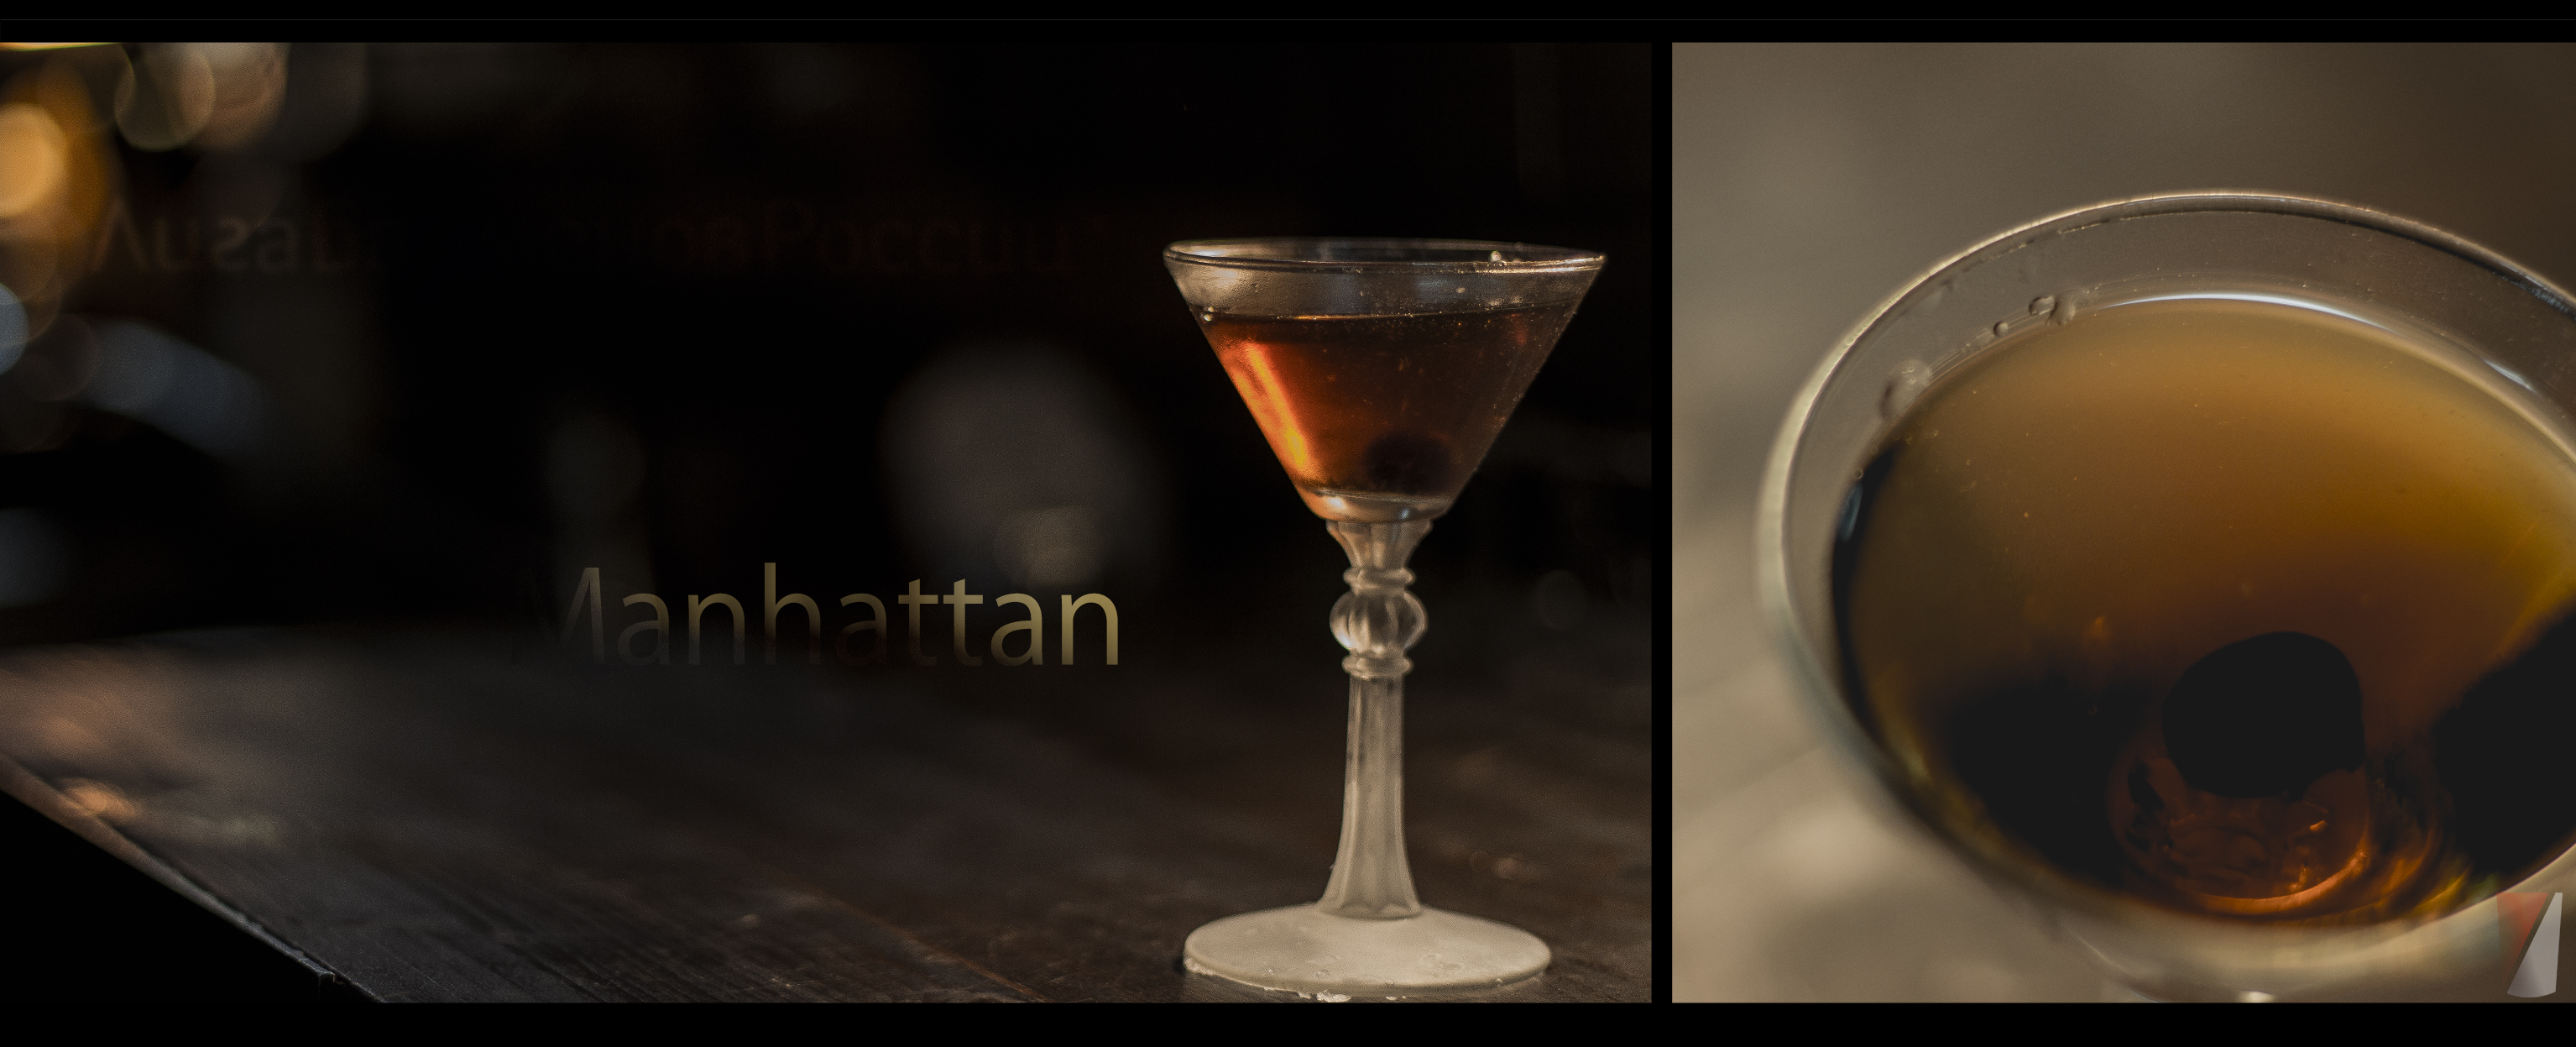 Рецепт коктейля Manhattan